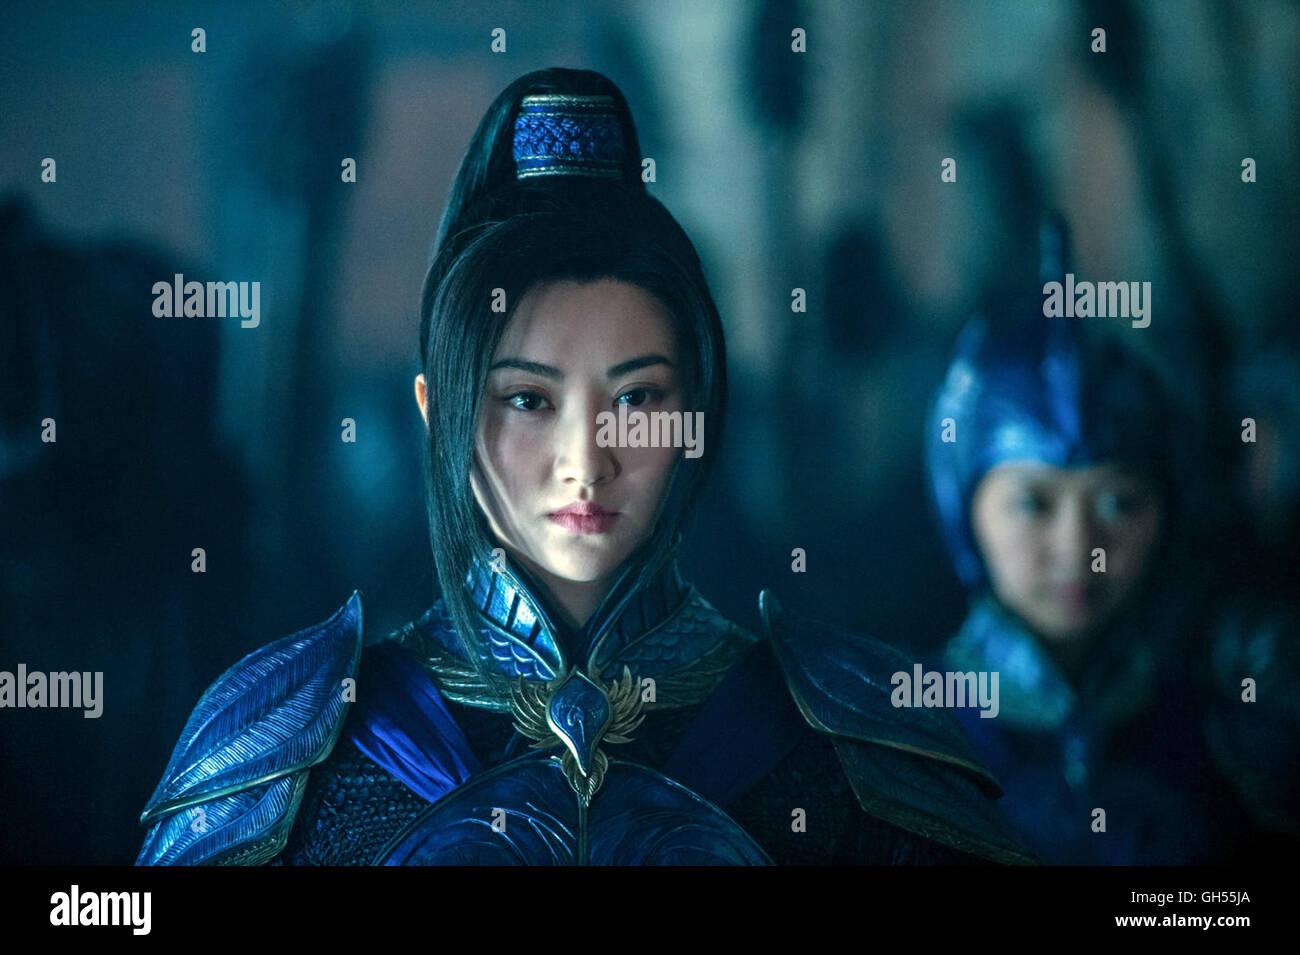 ba37e5440cda0 La Gran Muralla es un próximo American-Chinese 3D ciencia fantasía épica  aventura de un monstruo de película de acción, dirigida por Zhang Yimou y  escrita ...